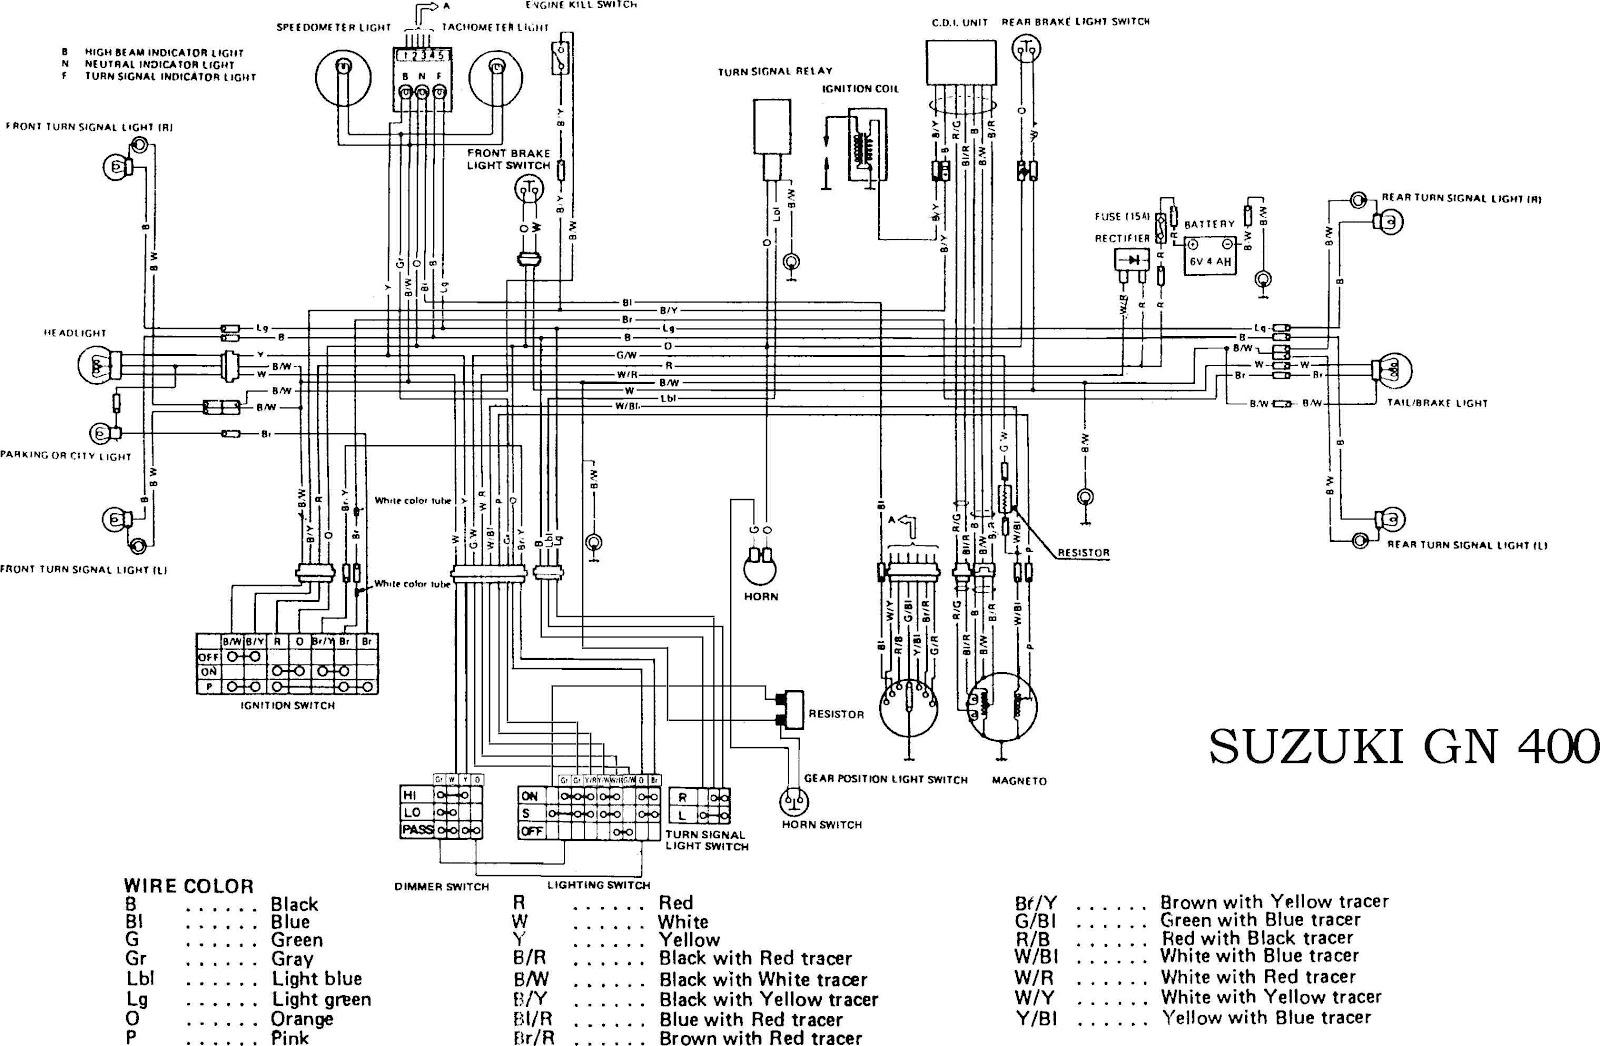 Suzuki Wiring Diagram Outboard: Suzuki wiring diagram color  codesrh:atomglobal.net,Design